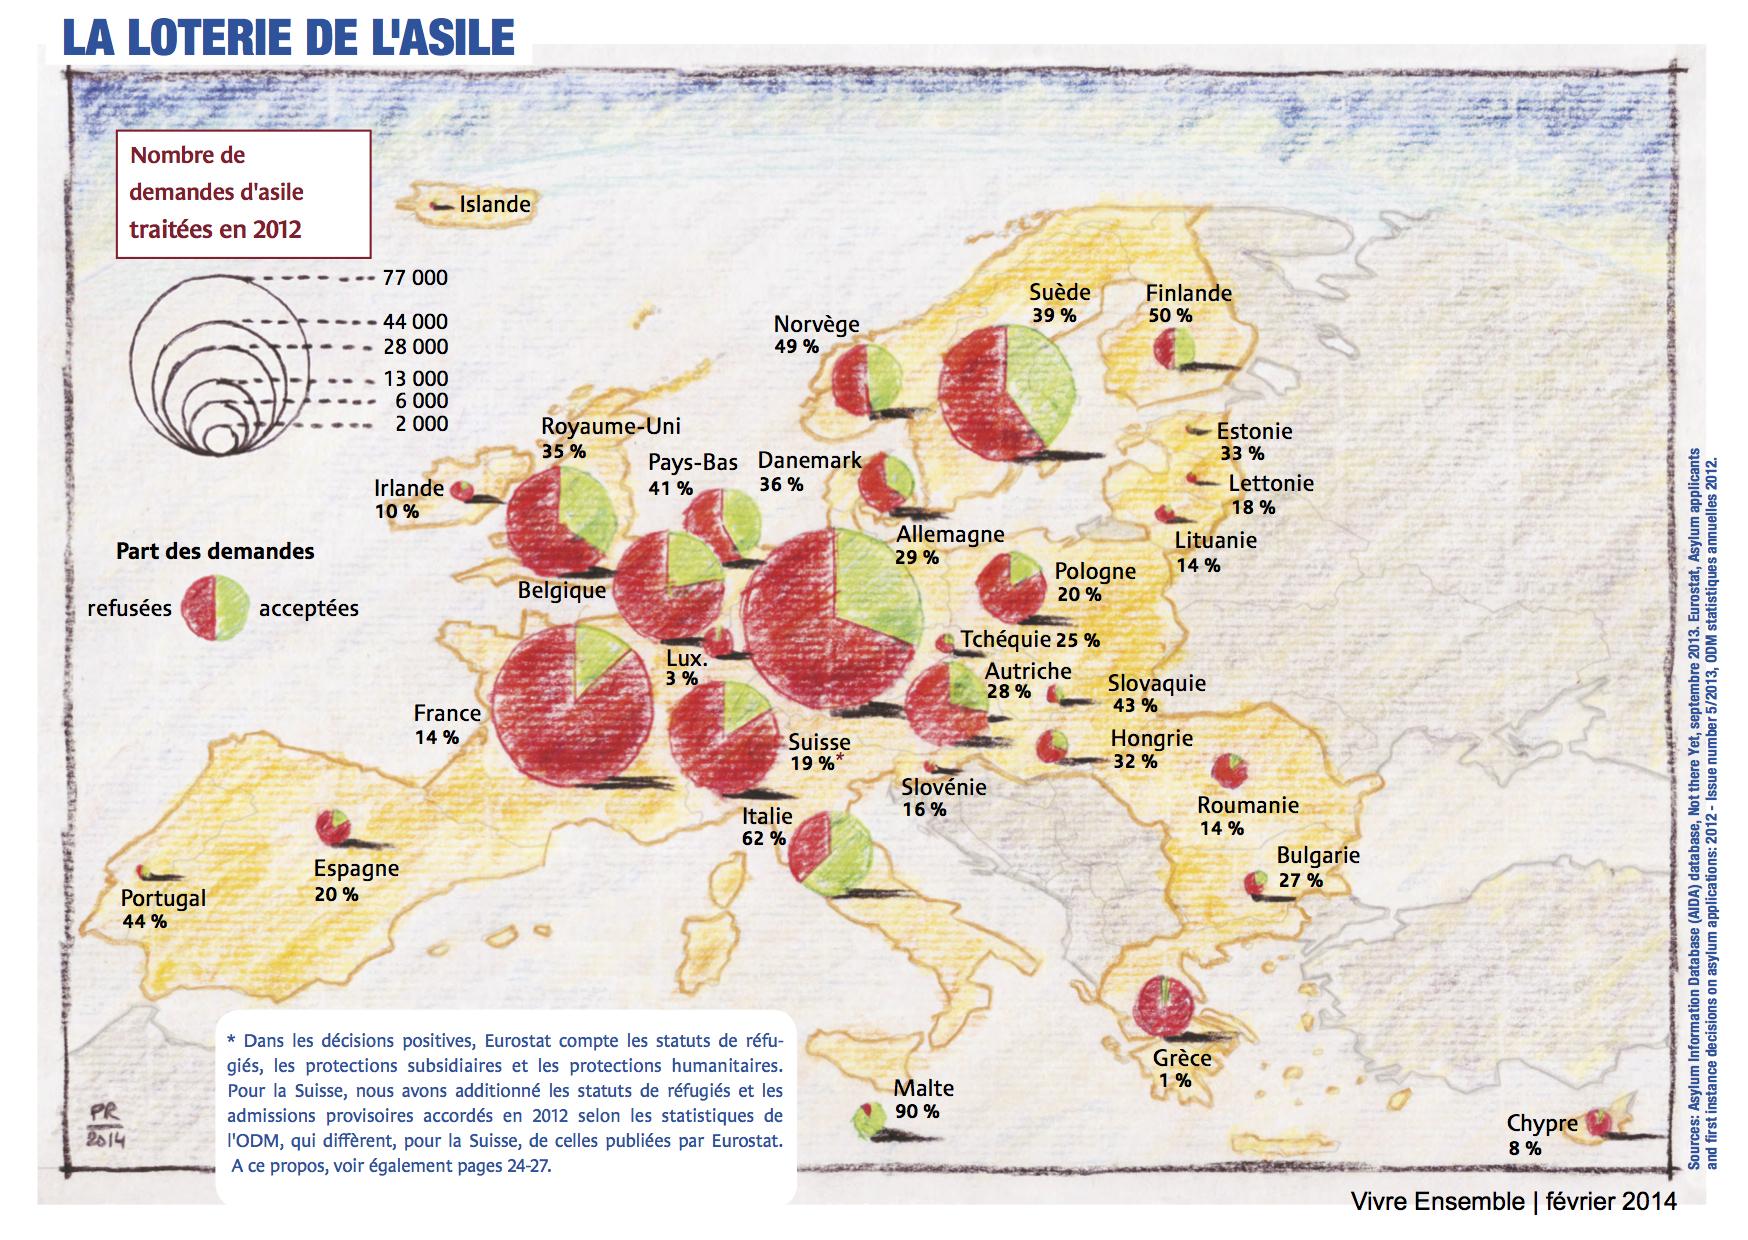 Carte réalisée par Philippe Rekacewicz pour Vivre Ensemble (VE 146 février 2014)